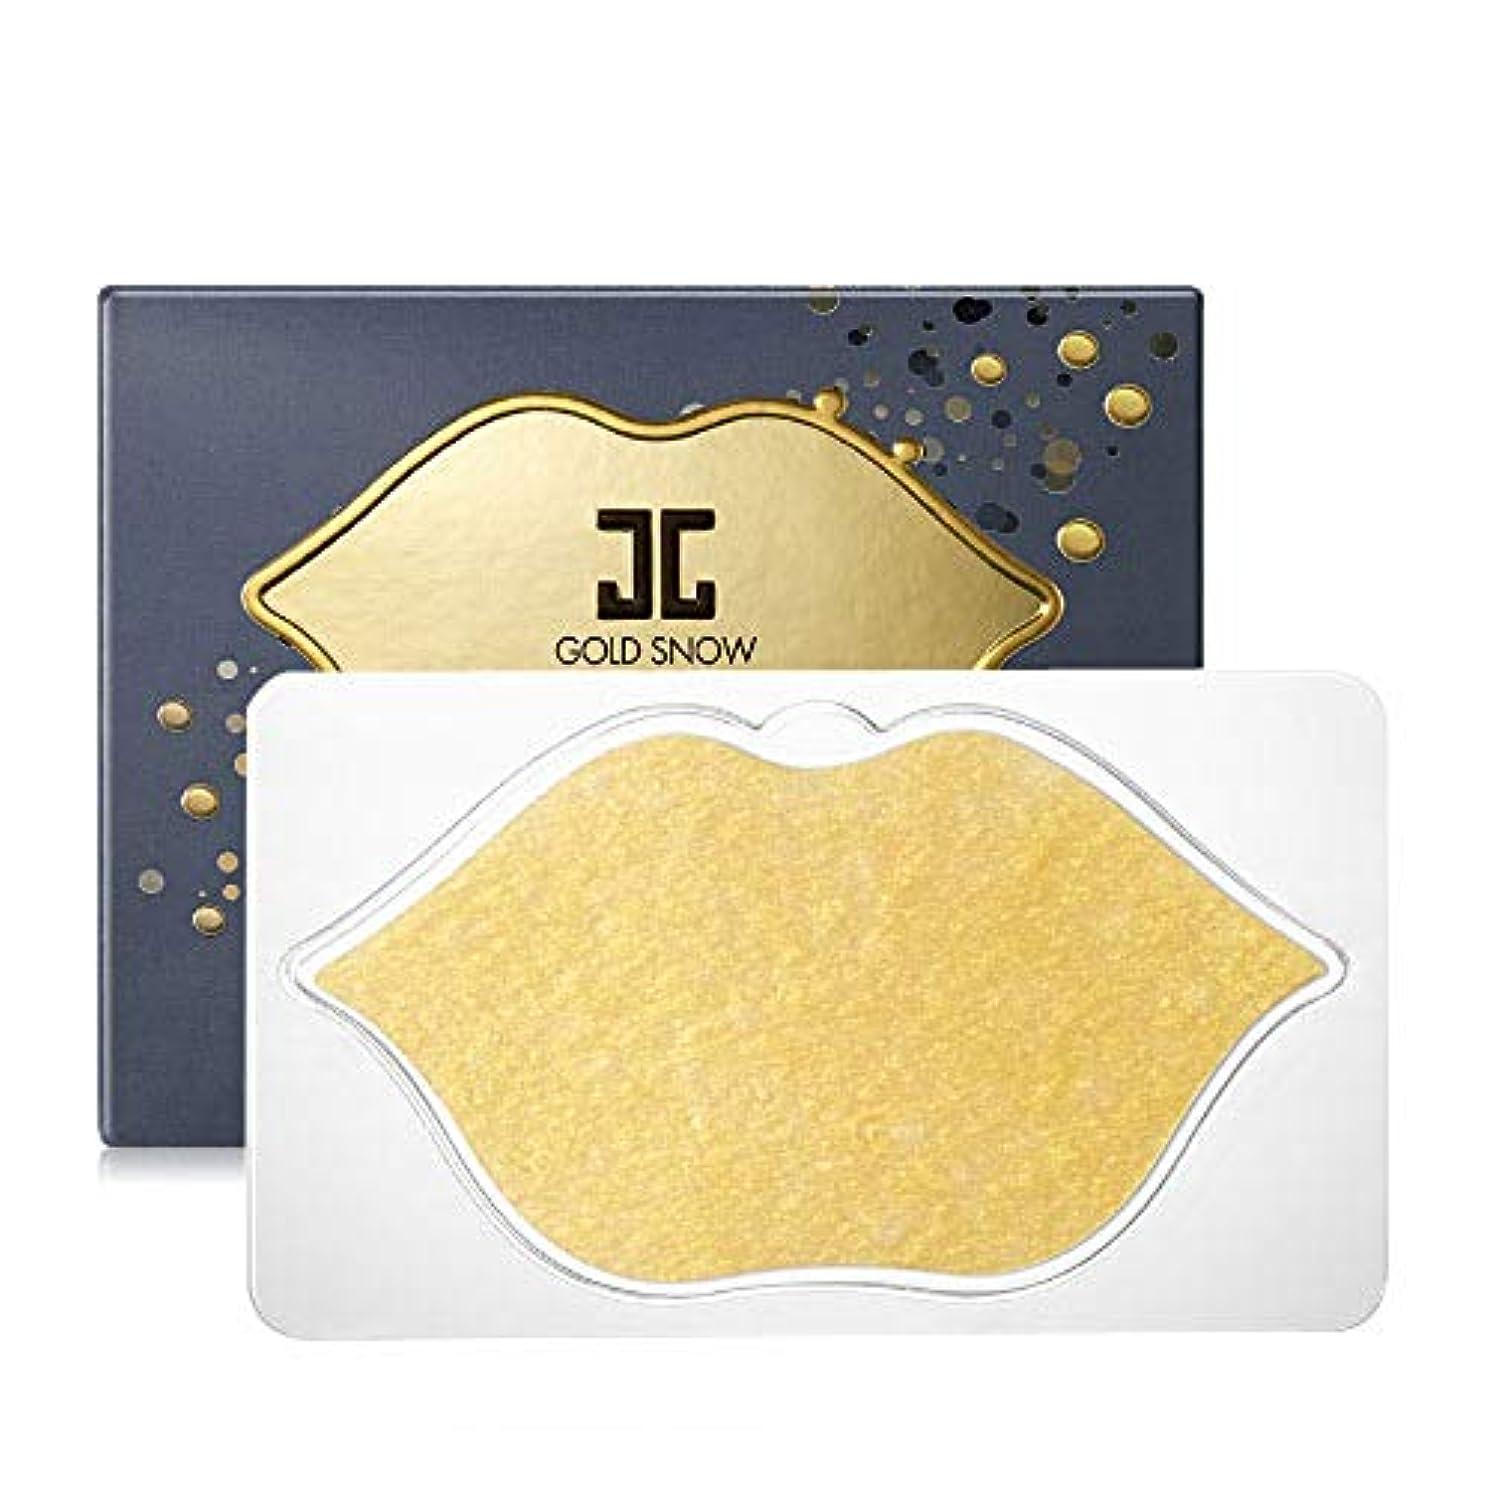 満足させるストレッチセミナーJayjun(ジェイジュン) ゴールドスノー リップゲルパッチシート5枚セット